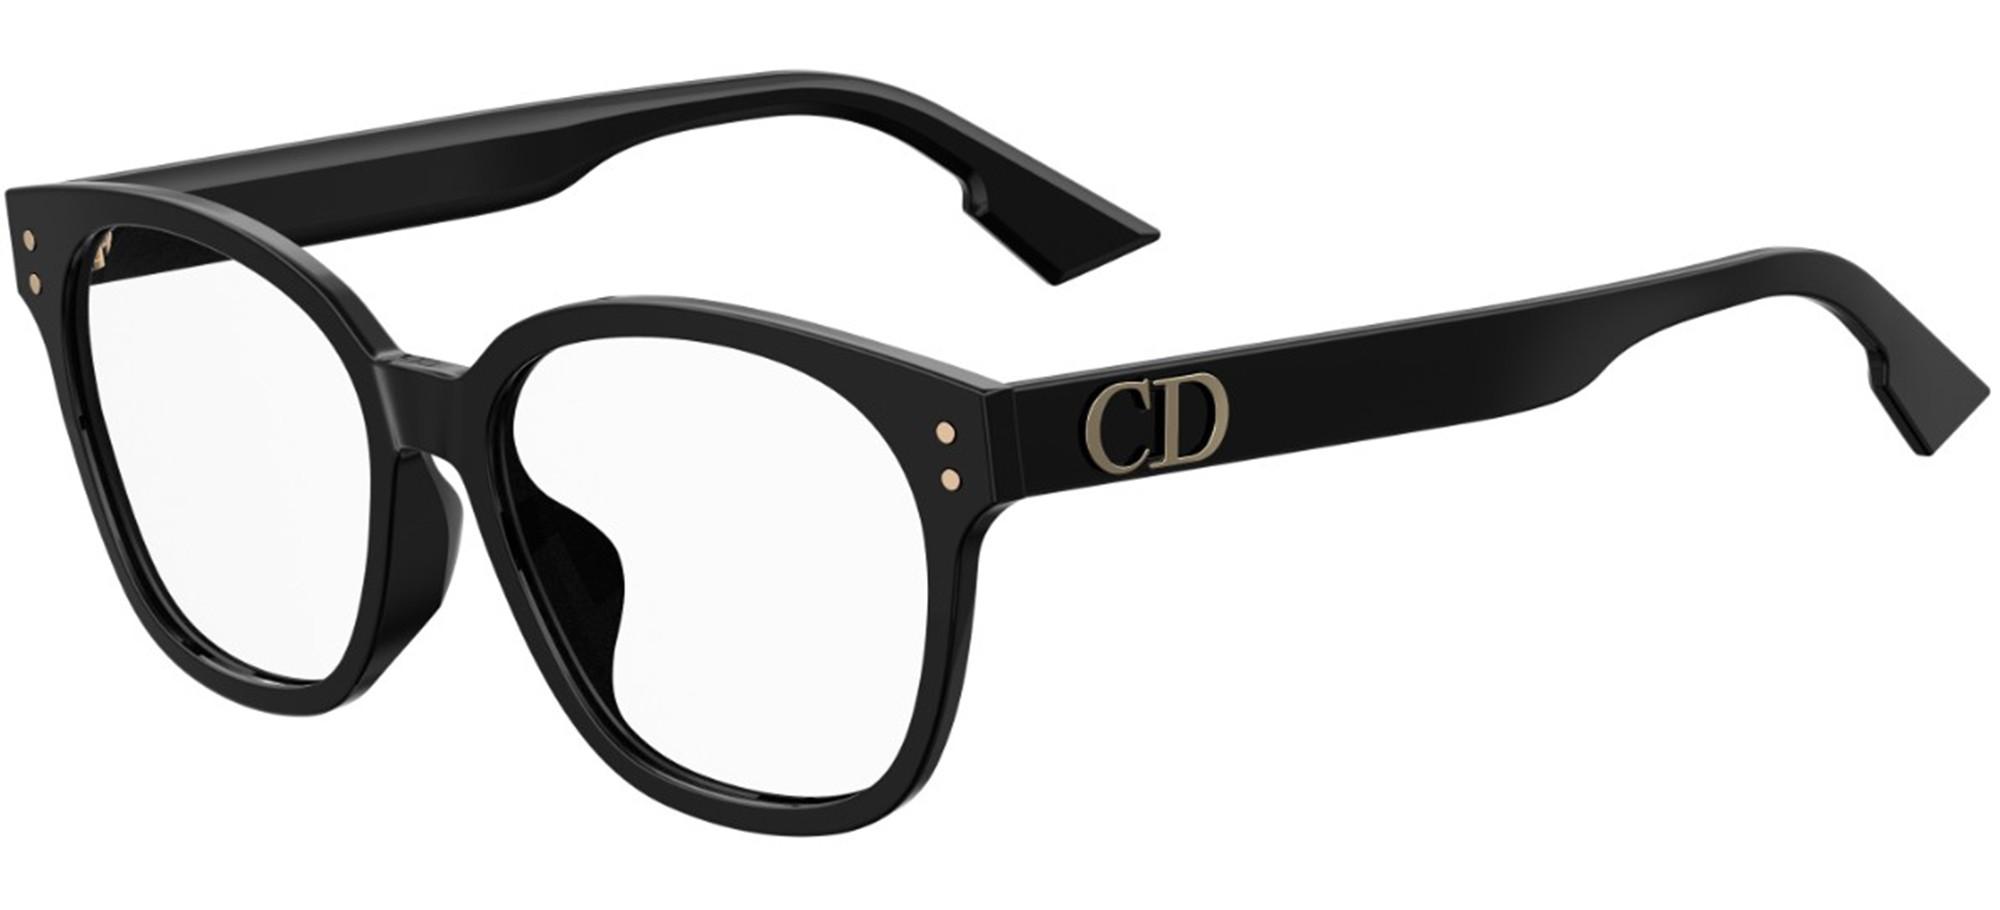 Dior brillen DIOR CD 1F